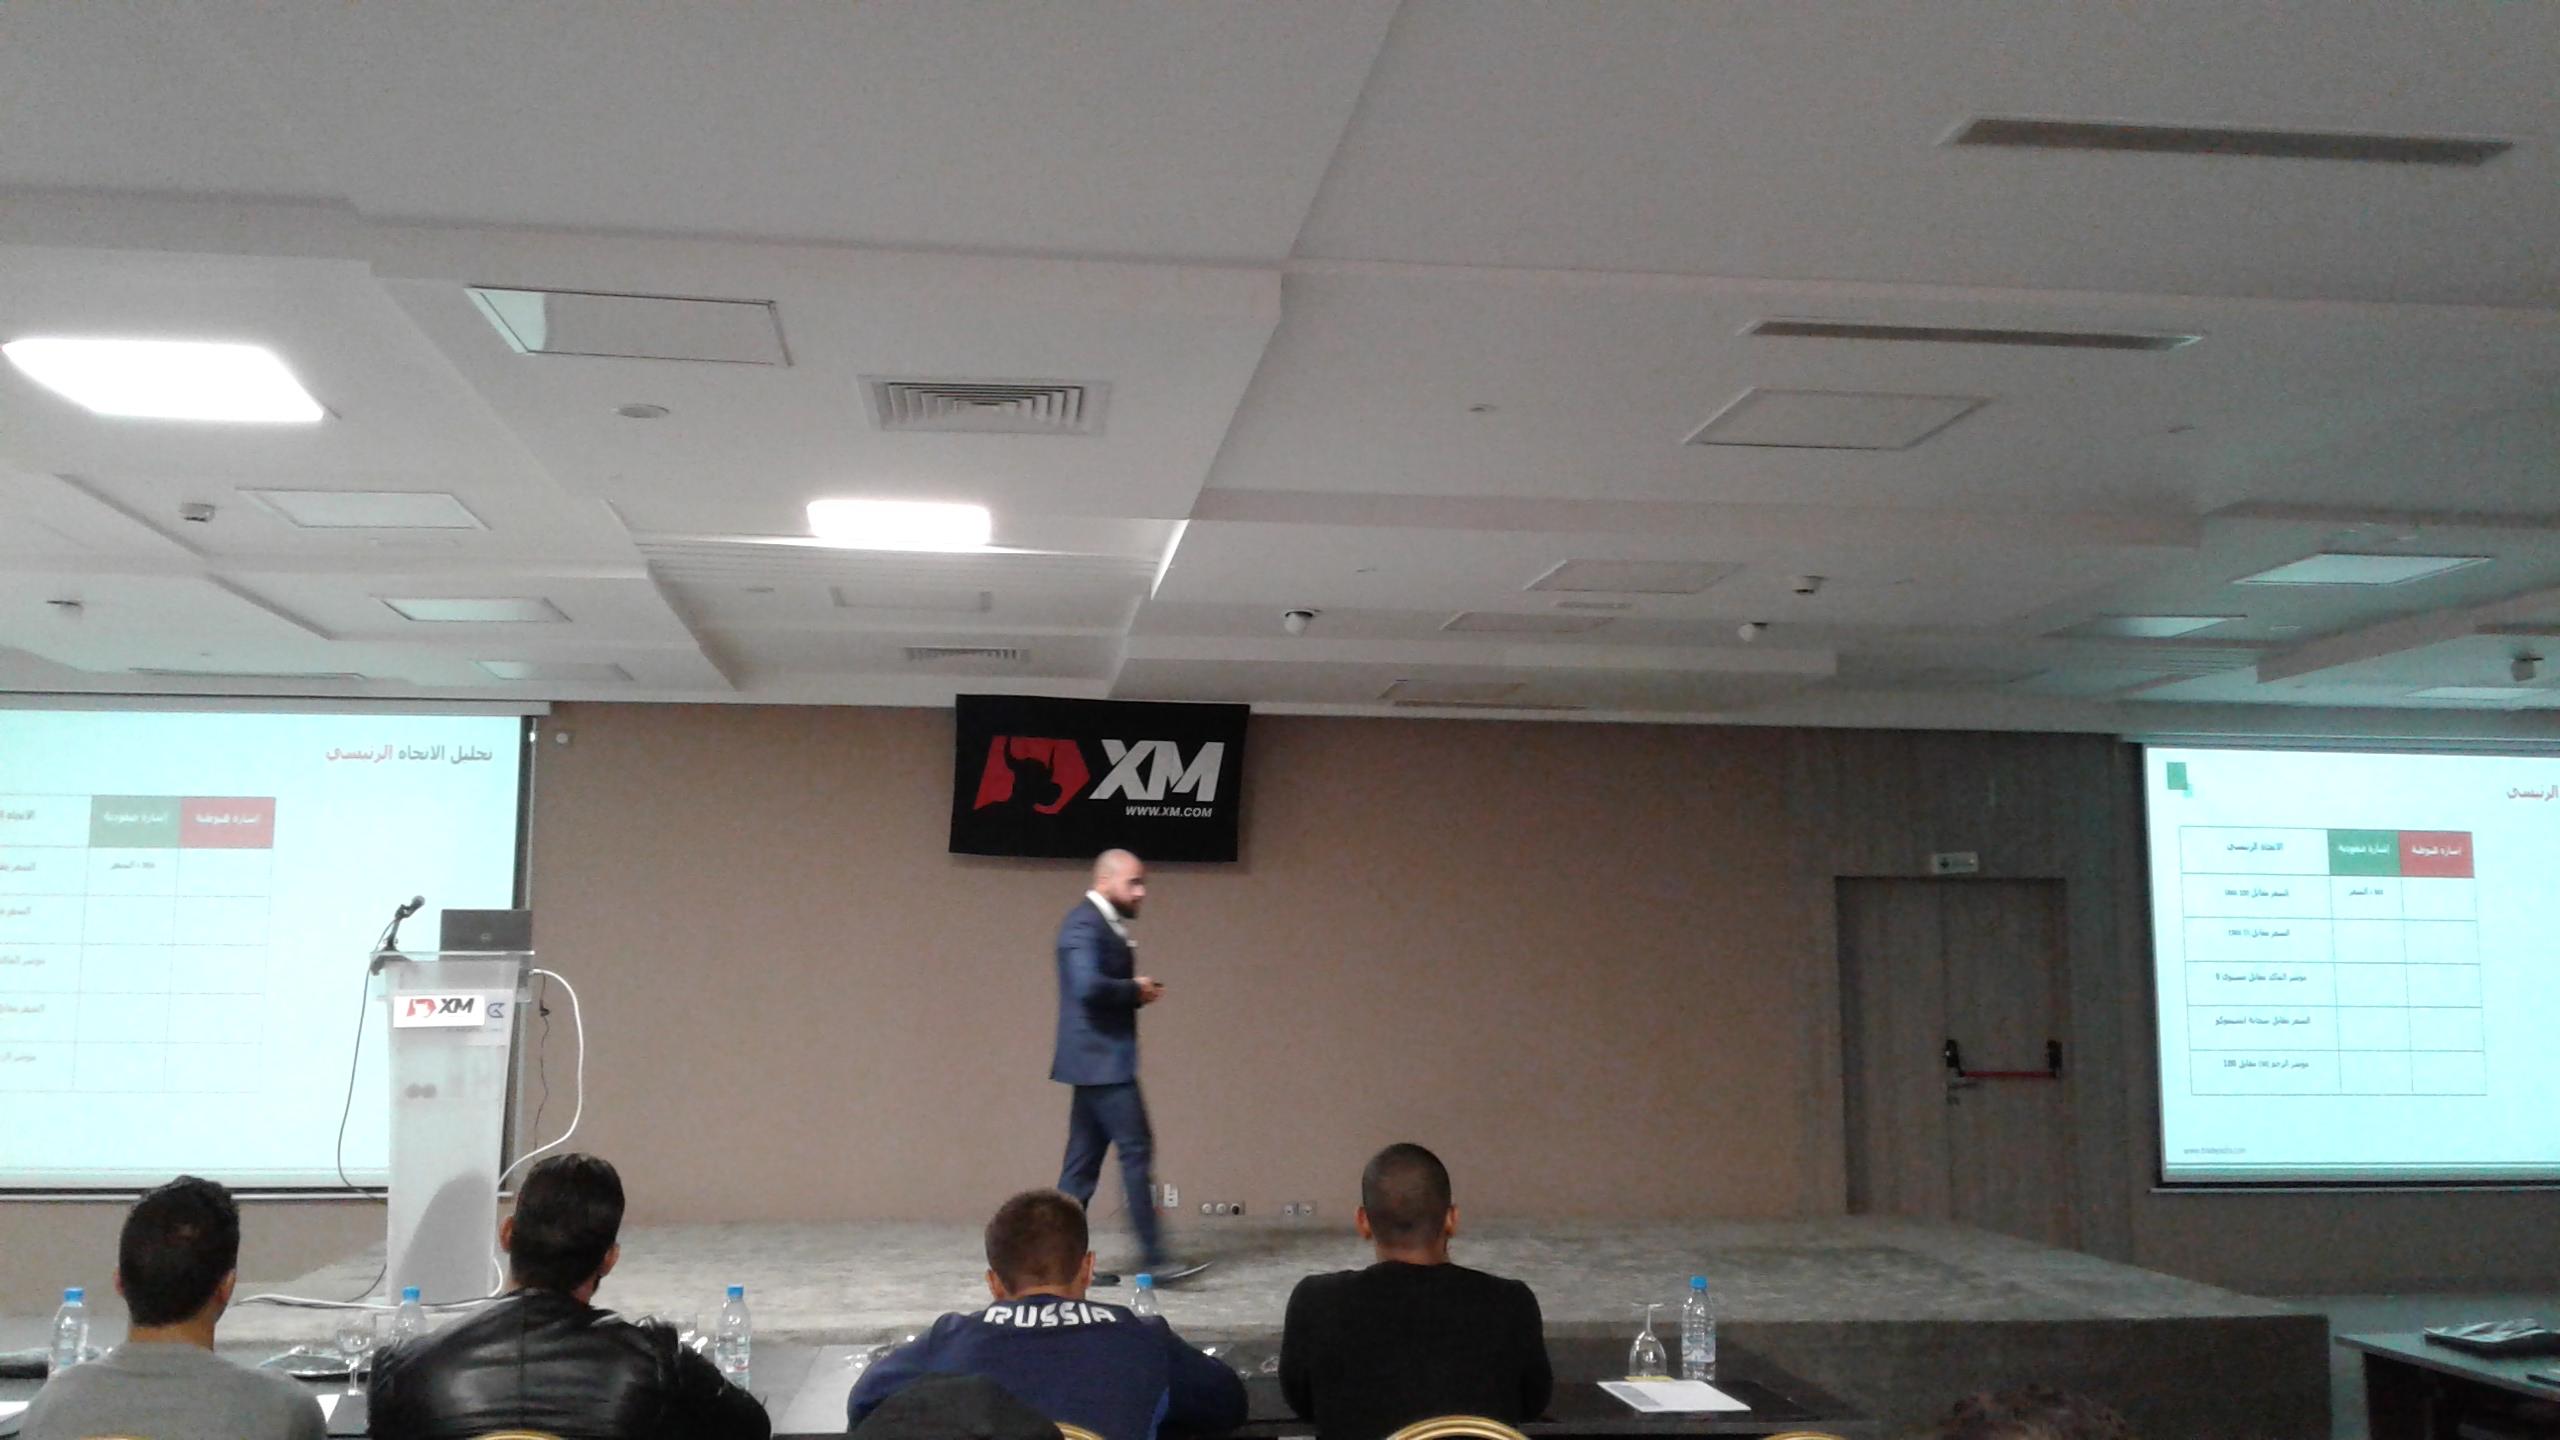 شركة xm تقدم ندوة تعليمية حول الفوراكس في تونس